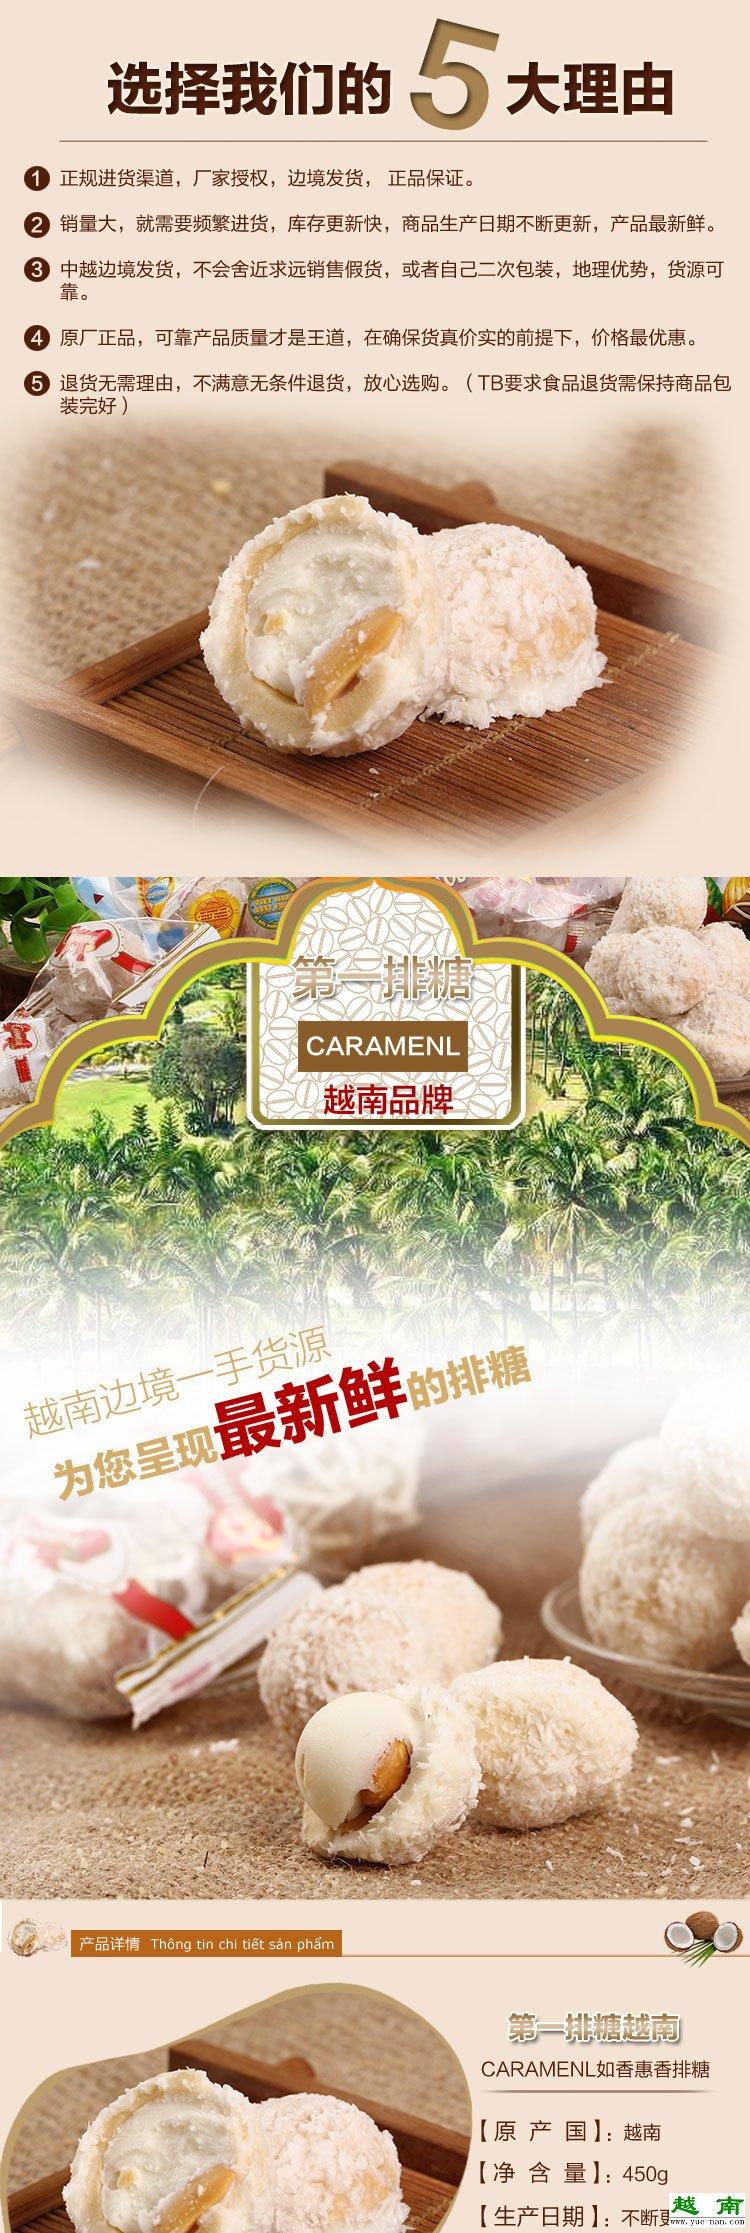 【越南特产】越南如香惠香排糖CARAMENL 越南如香